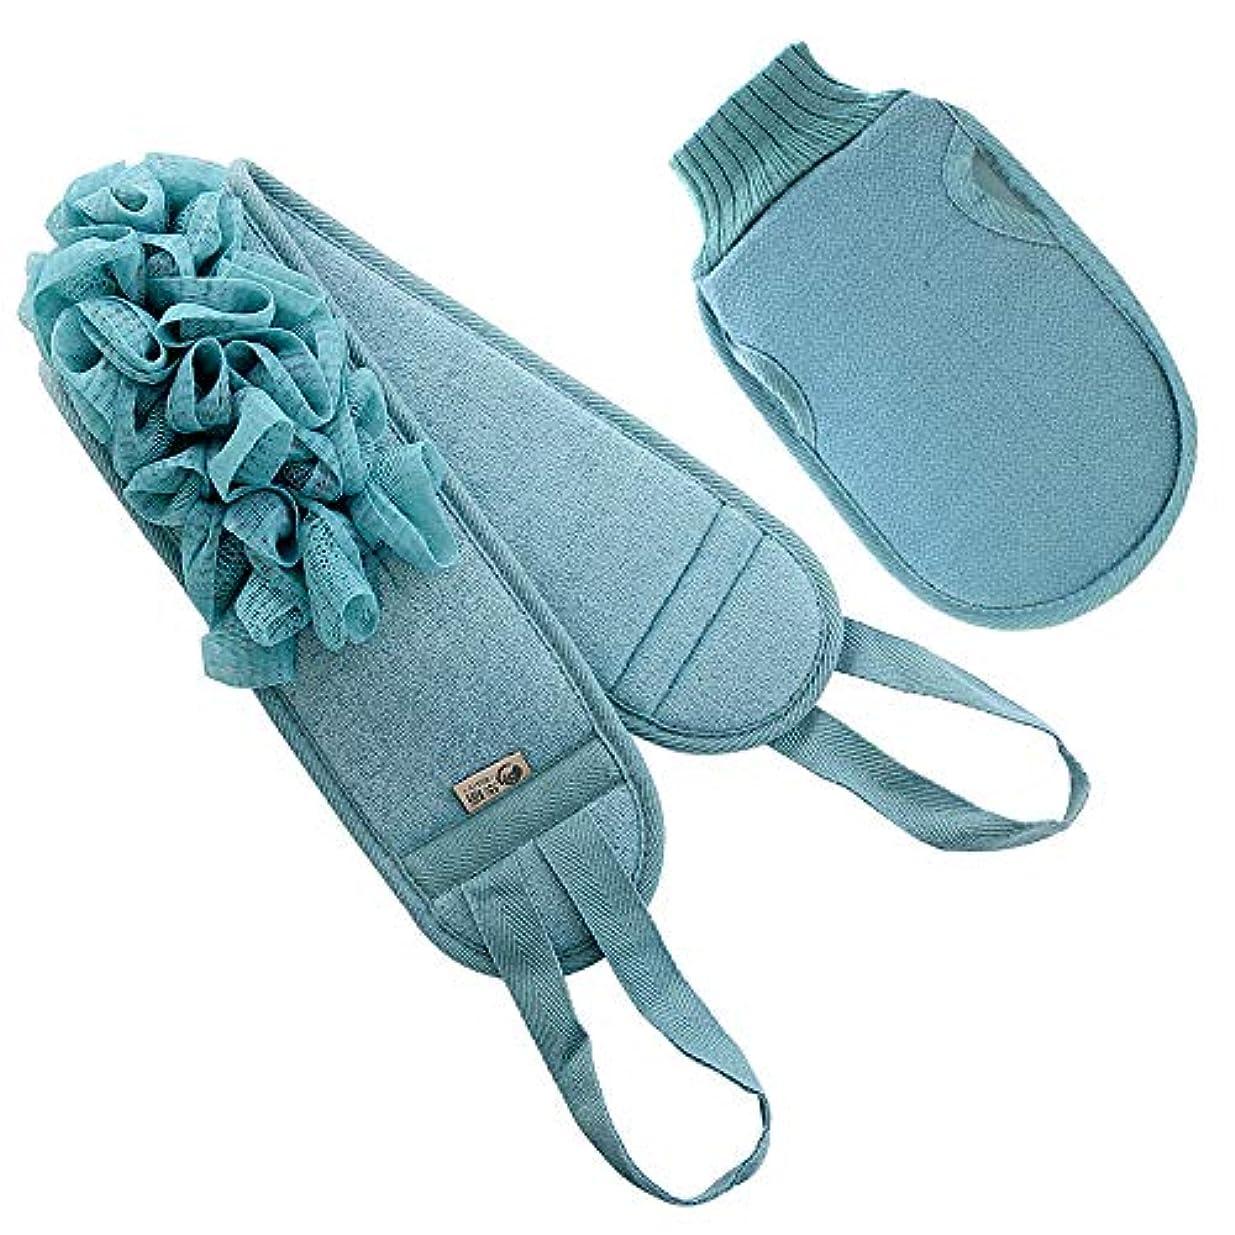 材料石のパステルあかすり 垢すりタオル ボディースポンジ シャワーブラシ ベルト両面用 血行促進 角質除去 男女兼用 (ブルー)